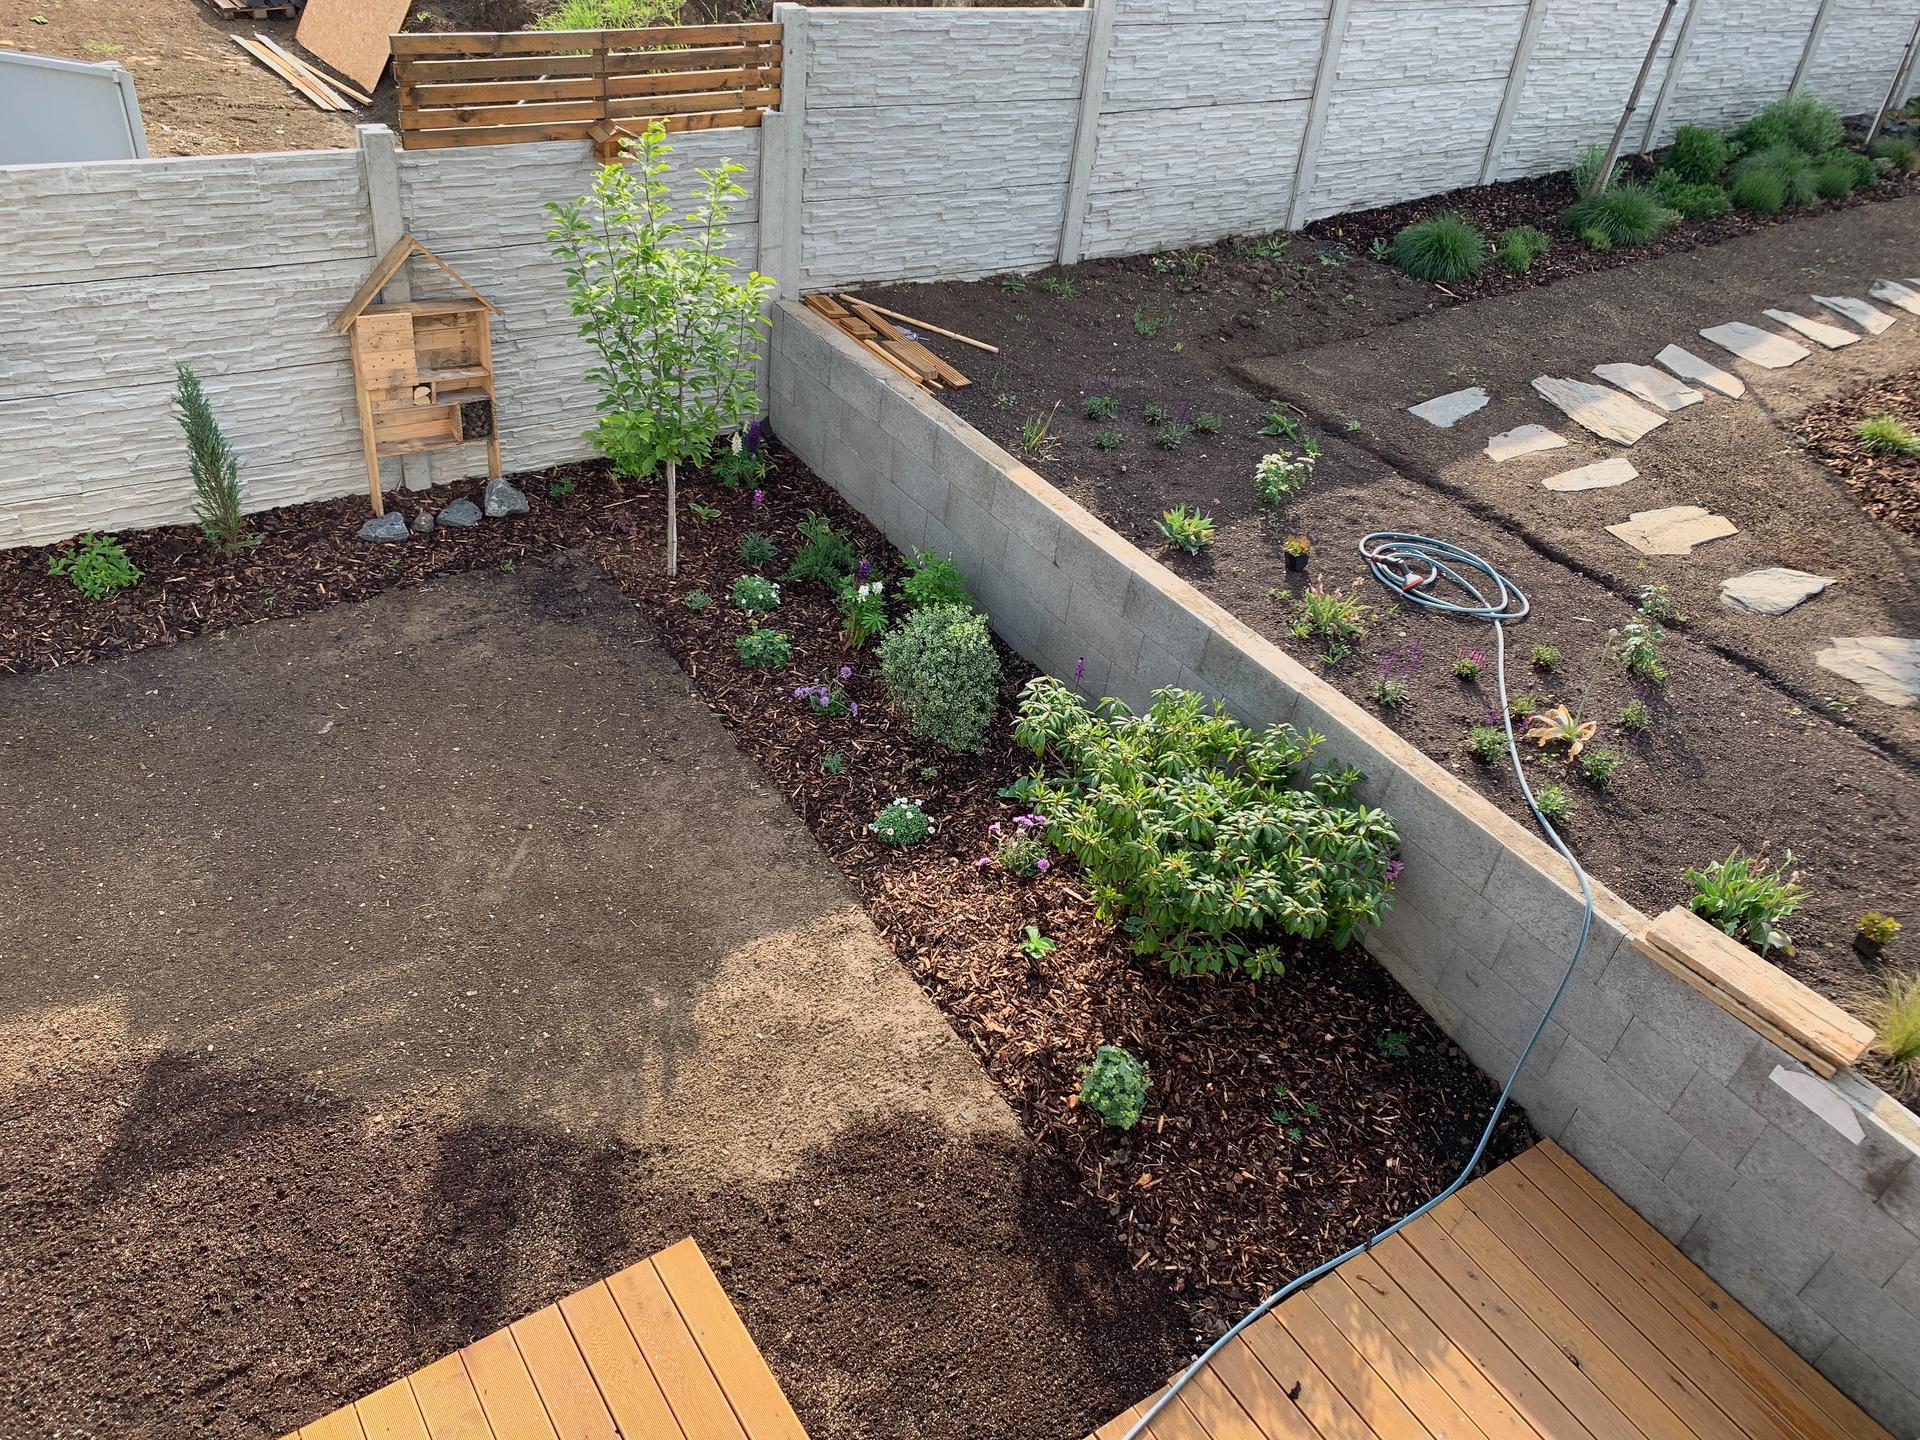 Trocha zahrady ..  To zakládání je šílená dřina - Obrázek č. 7